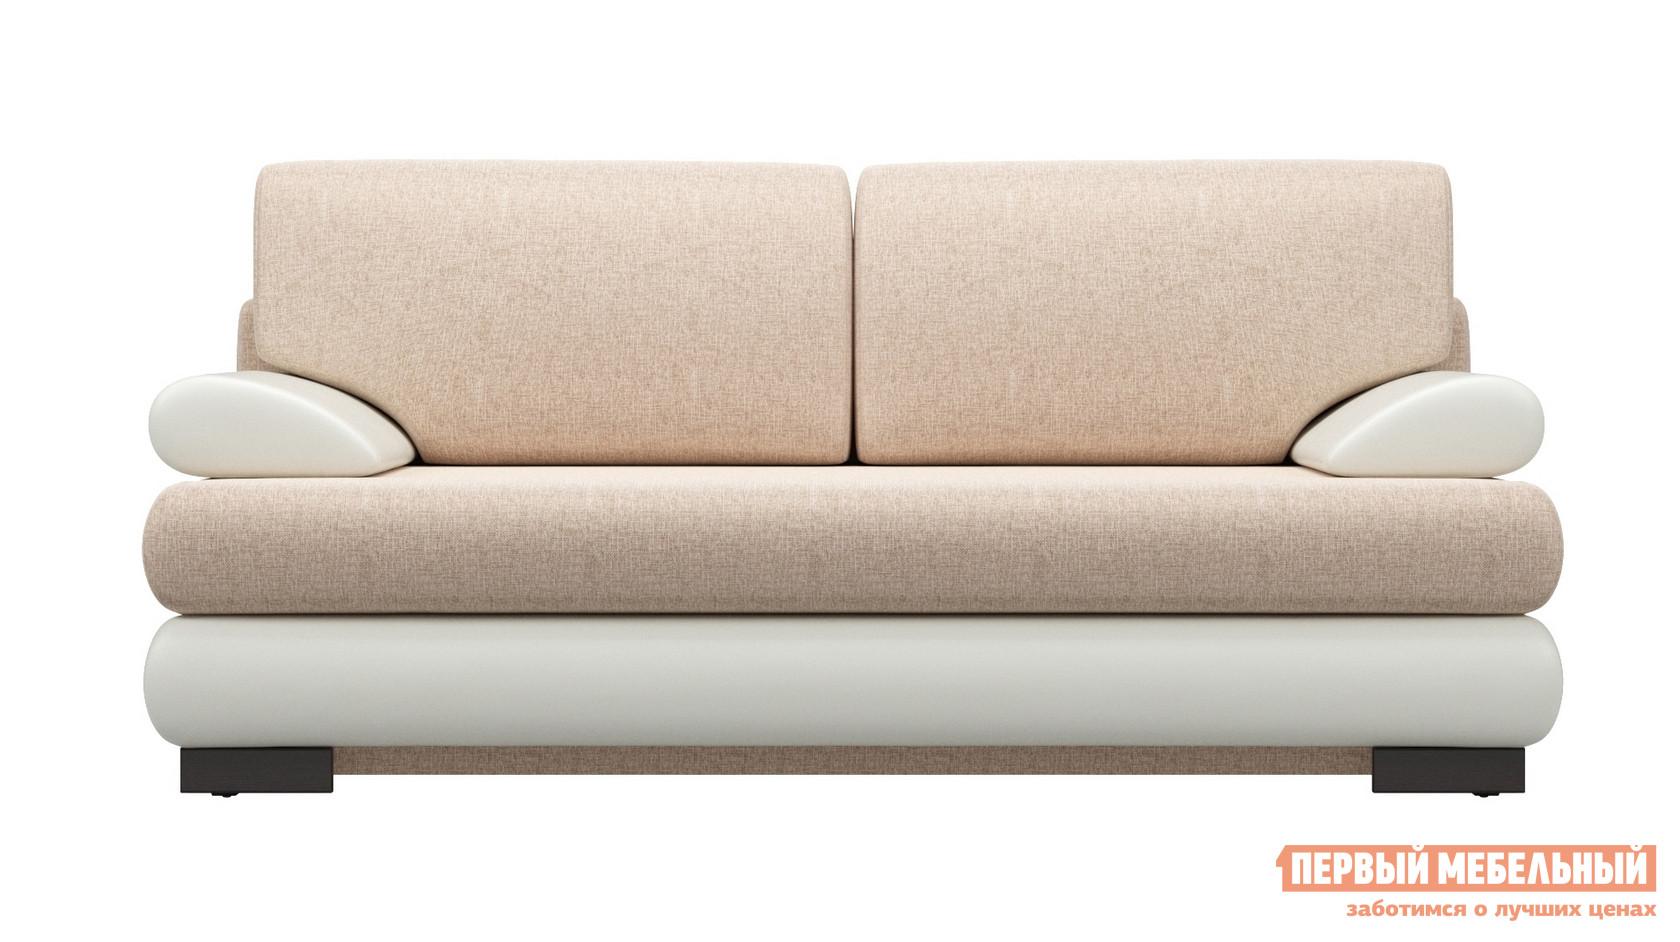 Прямой диван WOODCRAFT Фиджи диван woodcraft фиджи 4